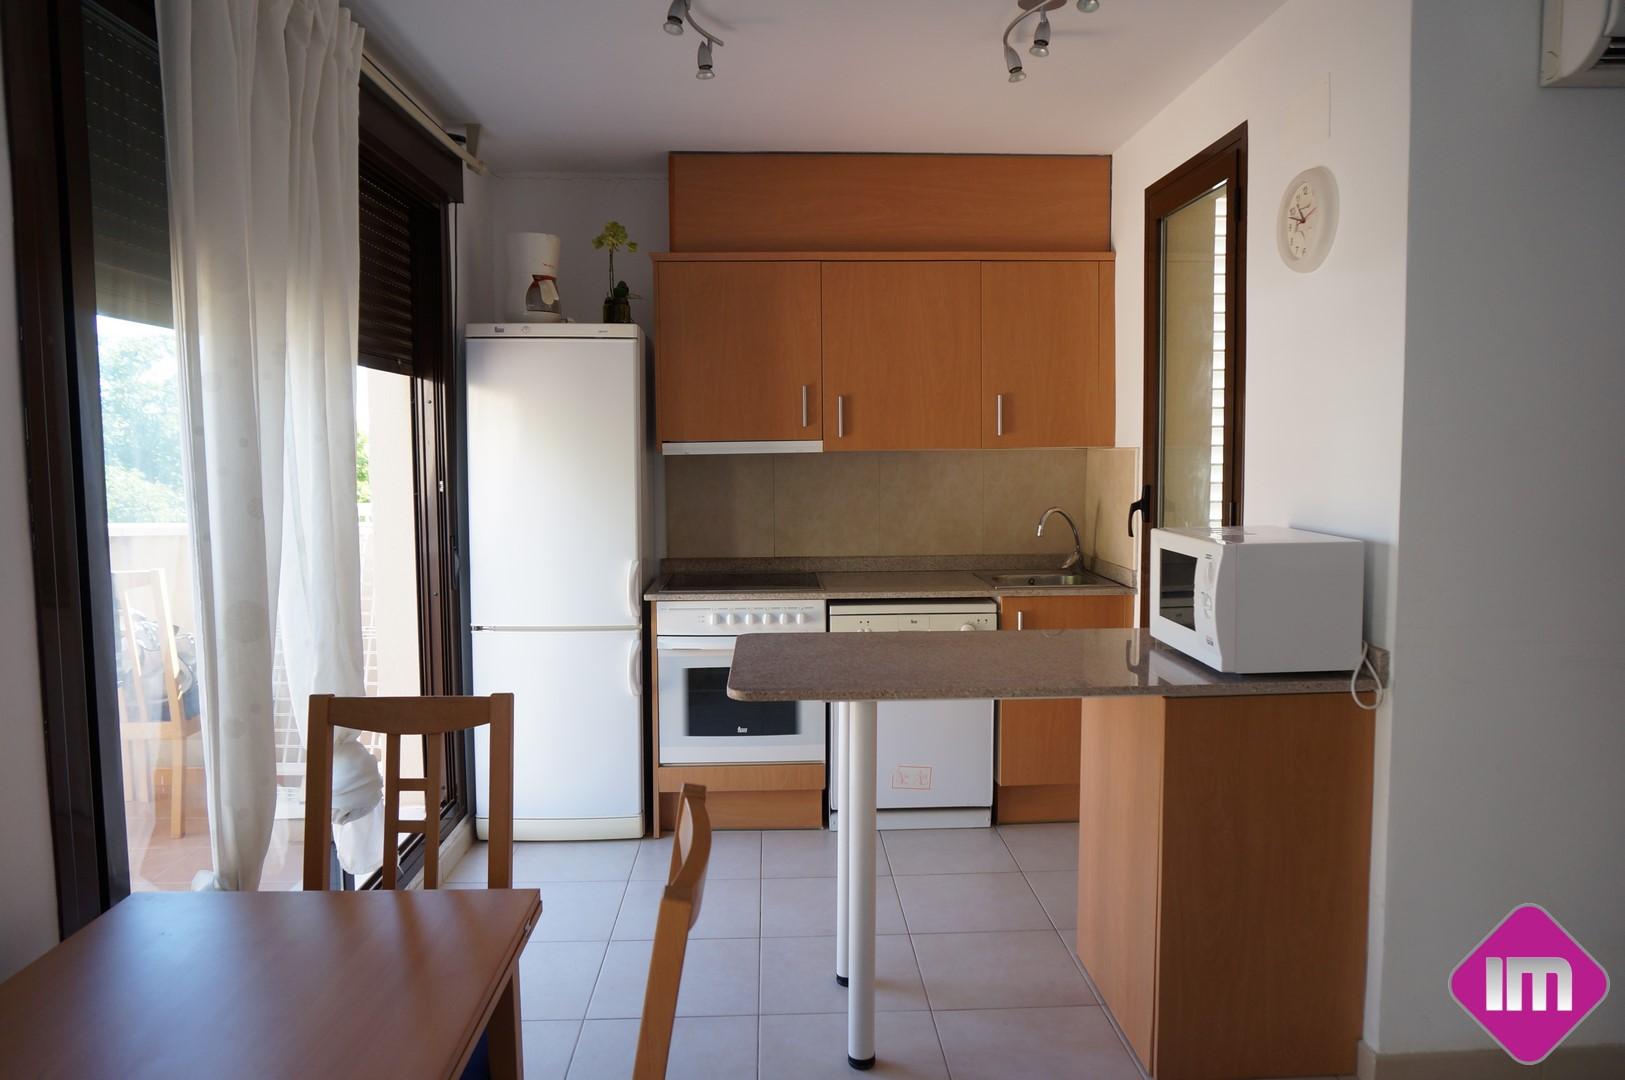 Image Appartamento in Contrada Difesa di Bronte (CT) Zona Parco dell'ETNA e Terreno Coltivabile e Pertinenze 4